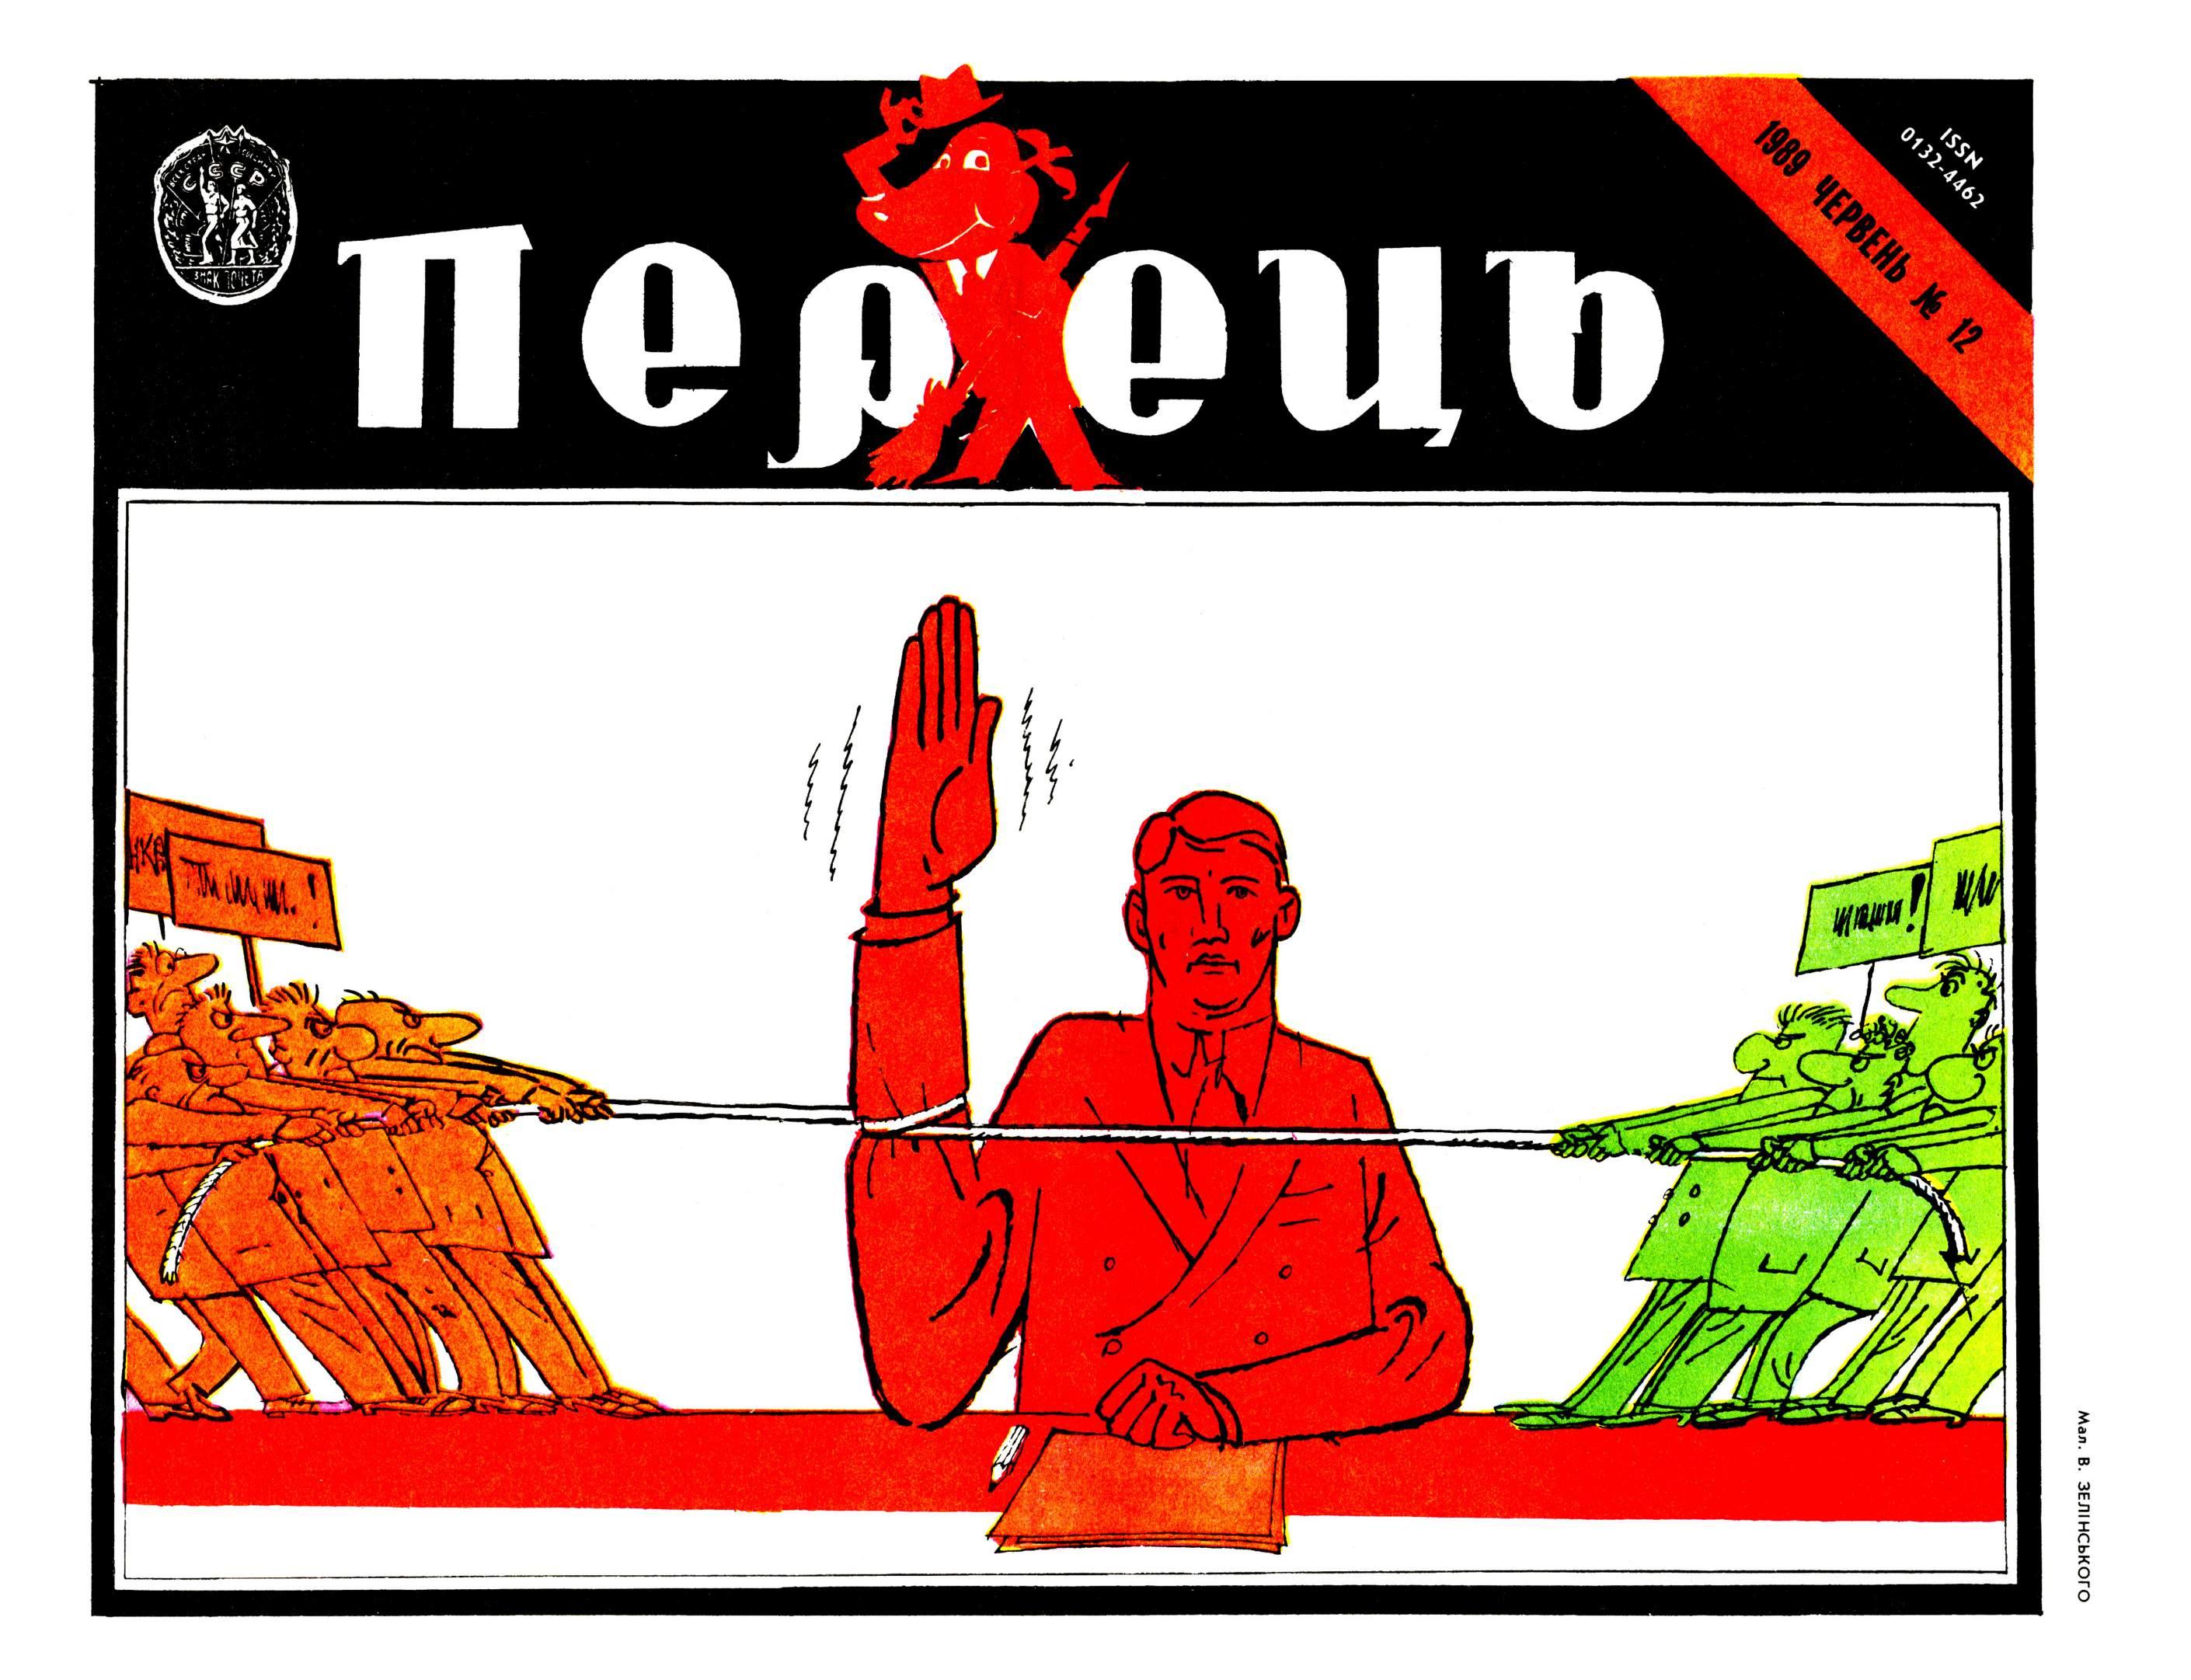 Журнал перець 1989 №12